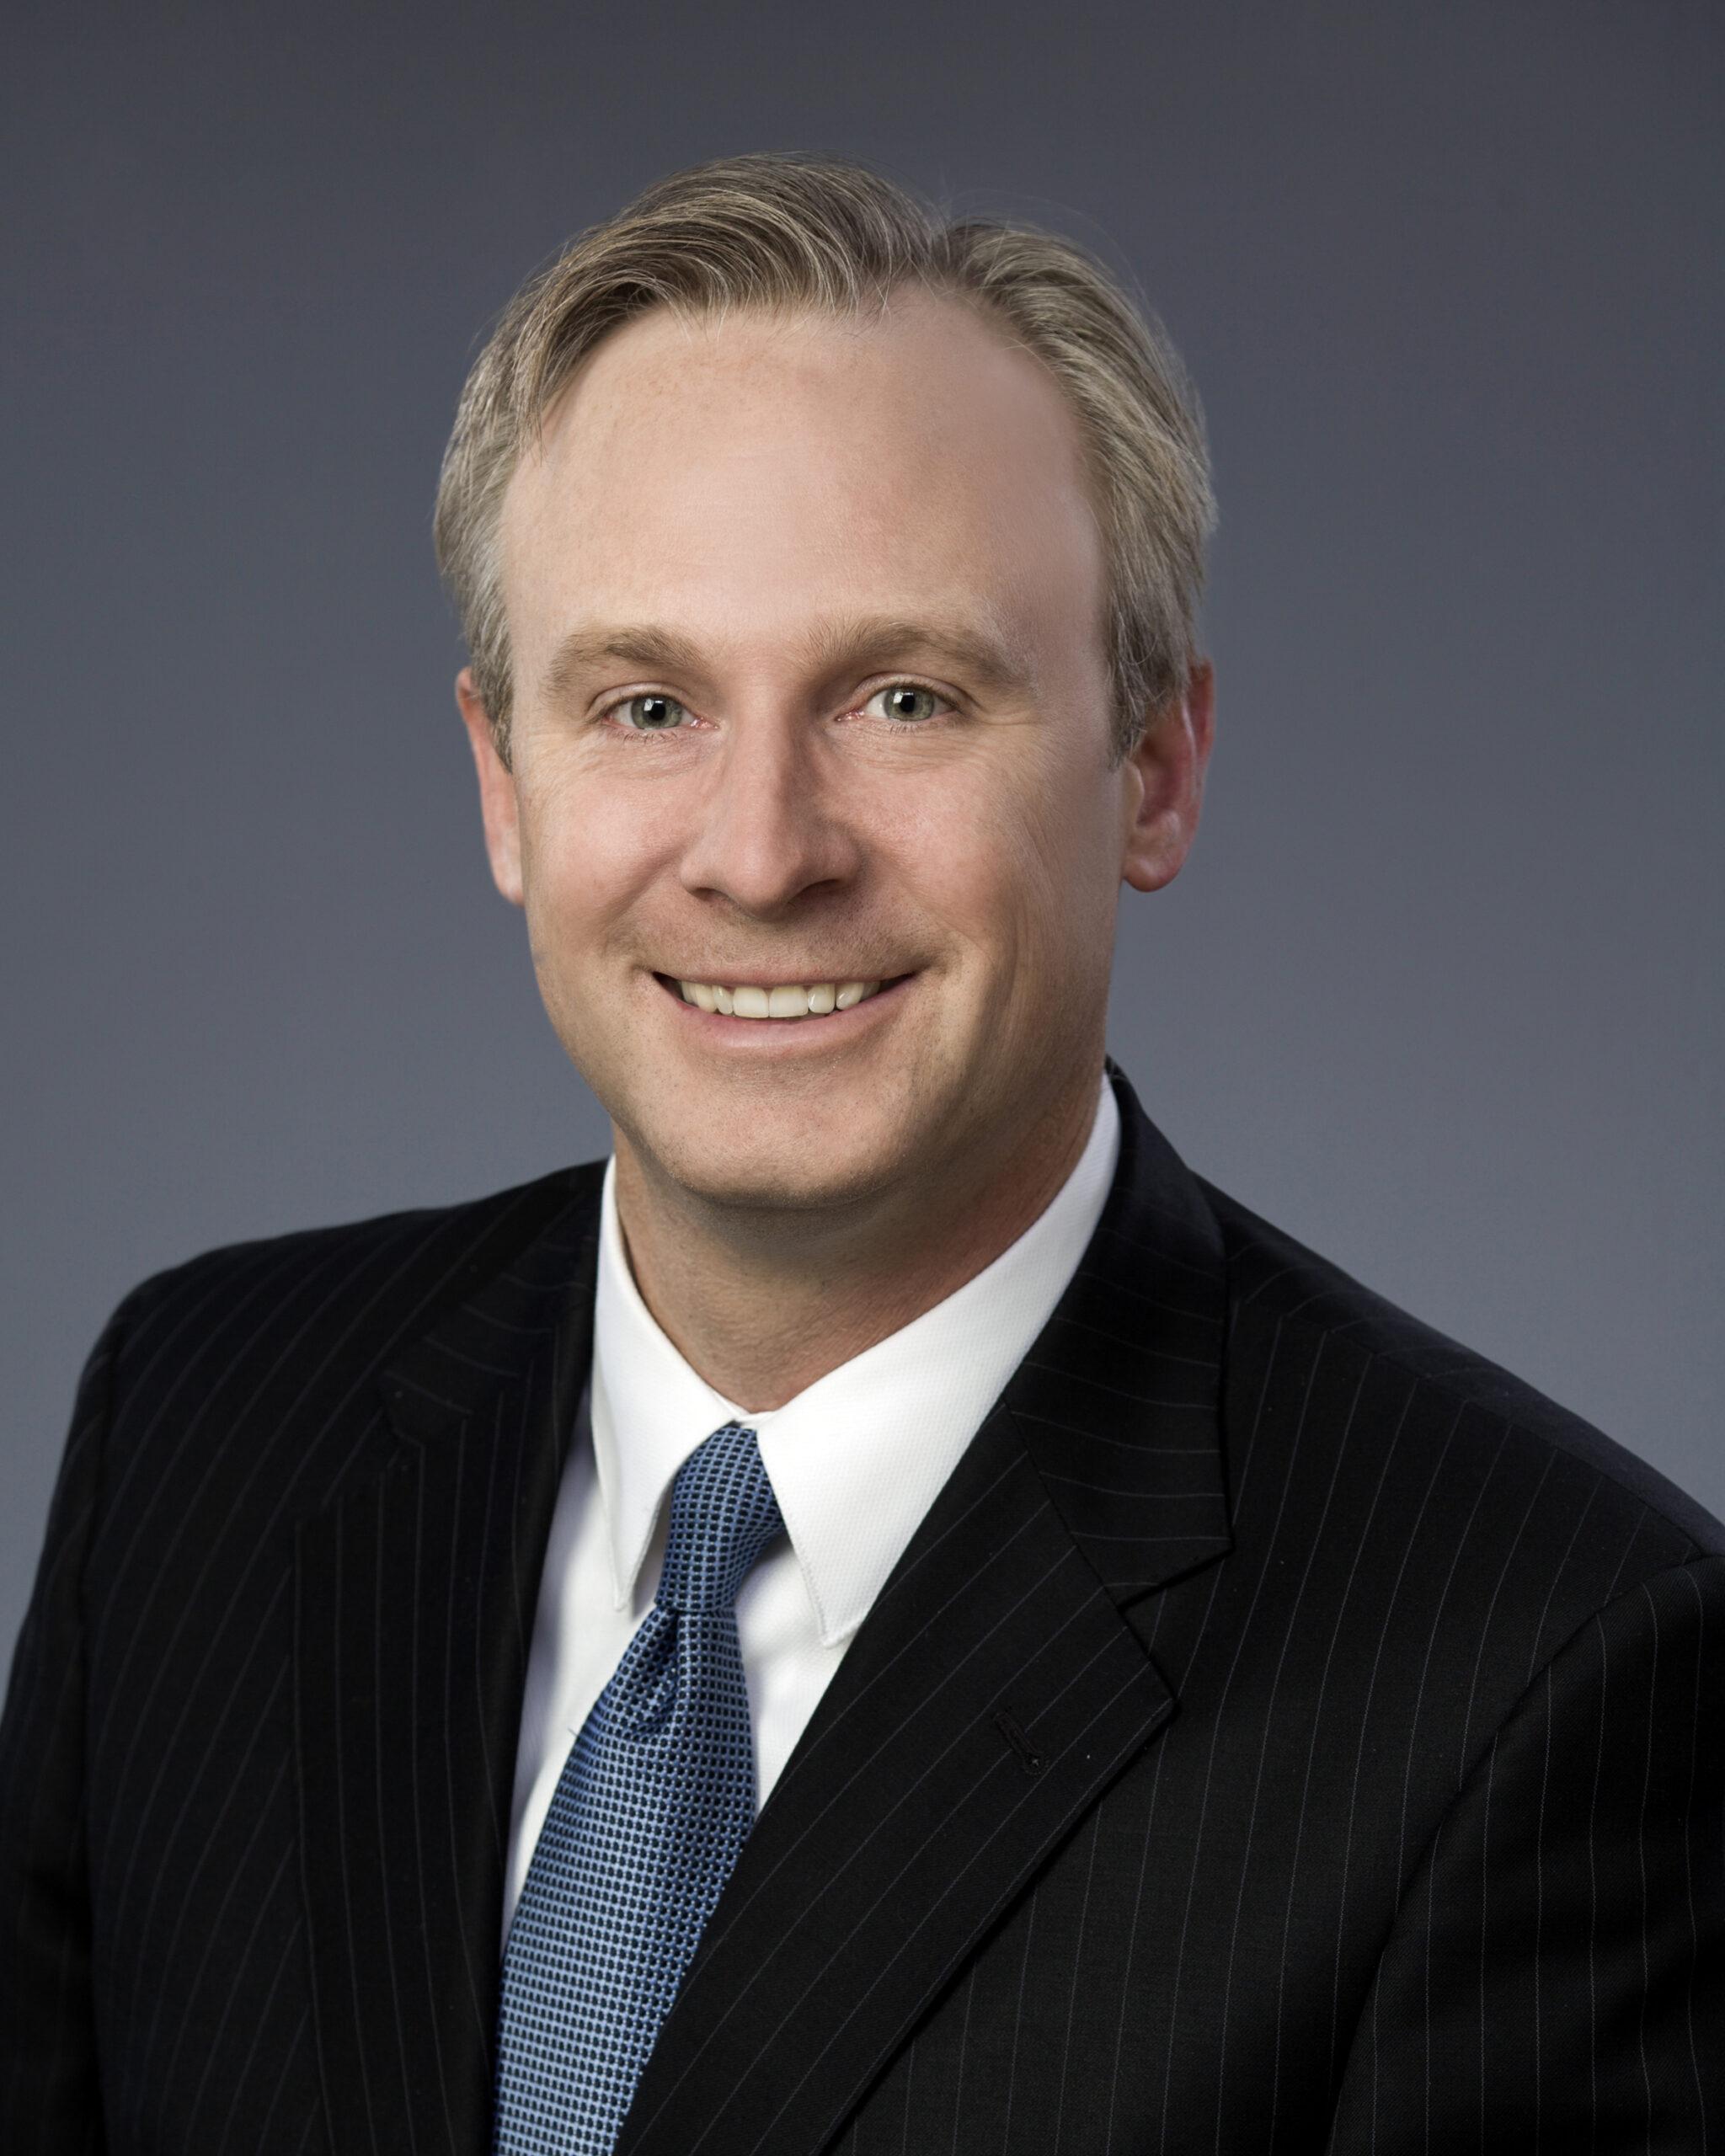 Greg J. Nichols